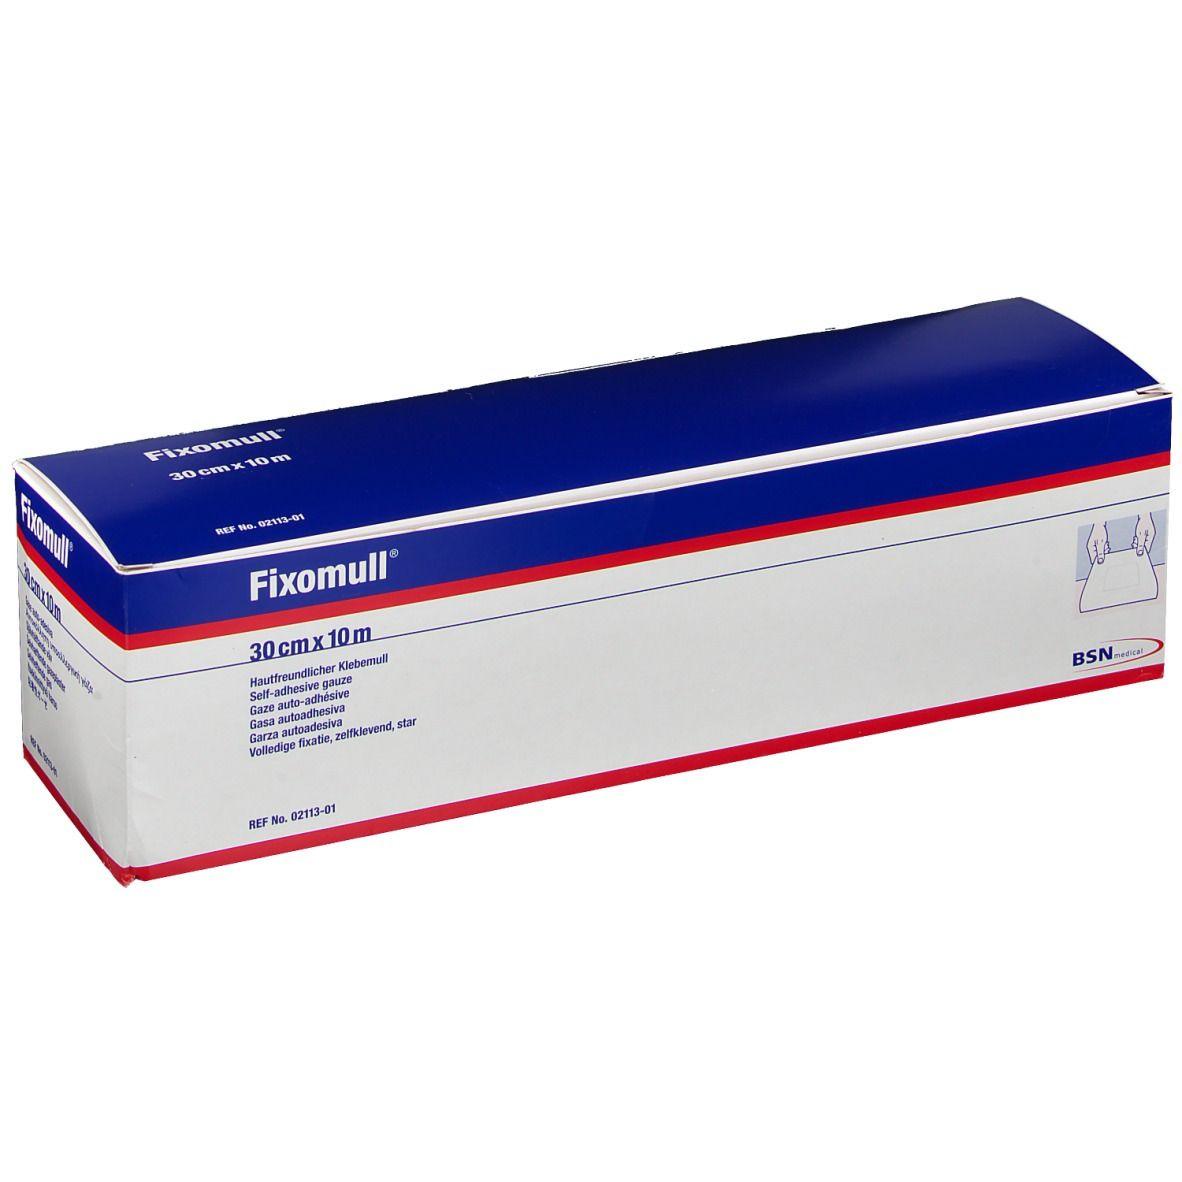 Fixomull® 30 cm x 10 m